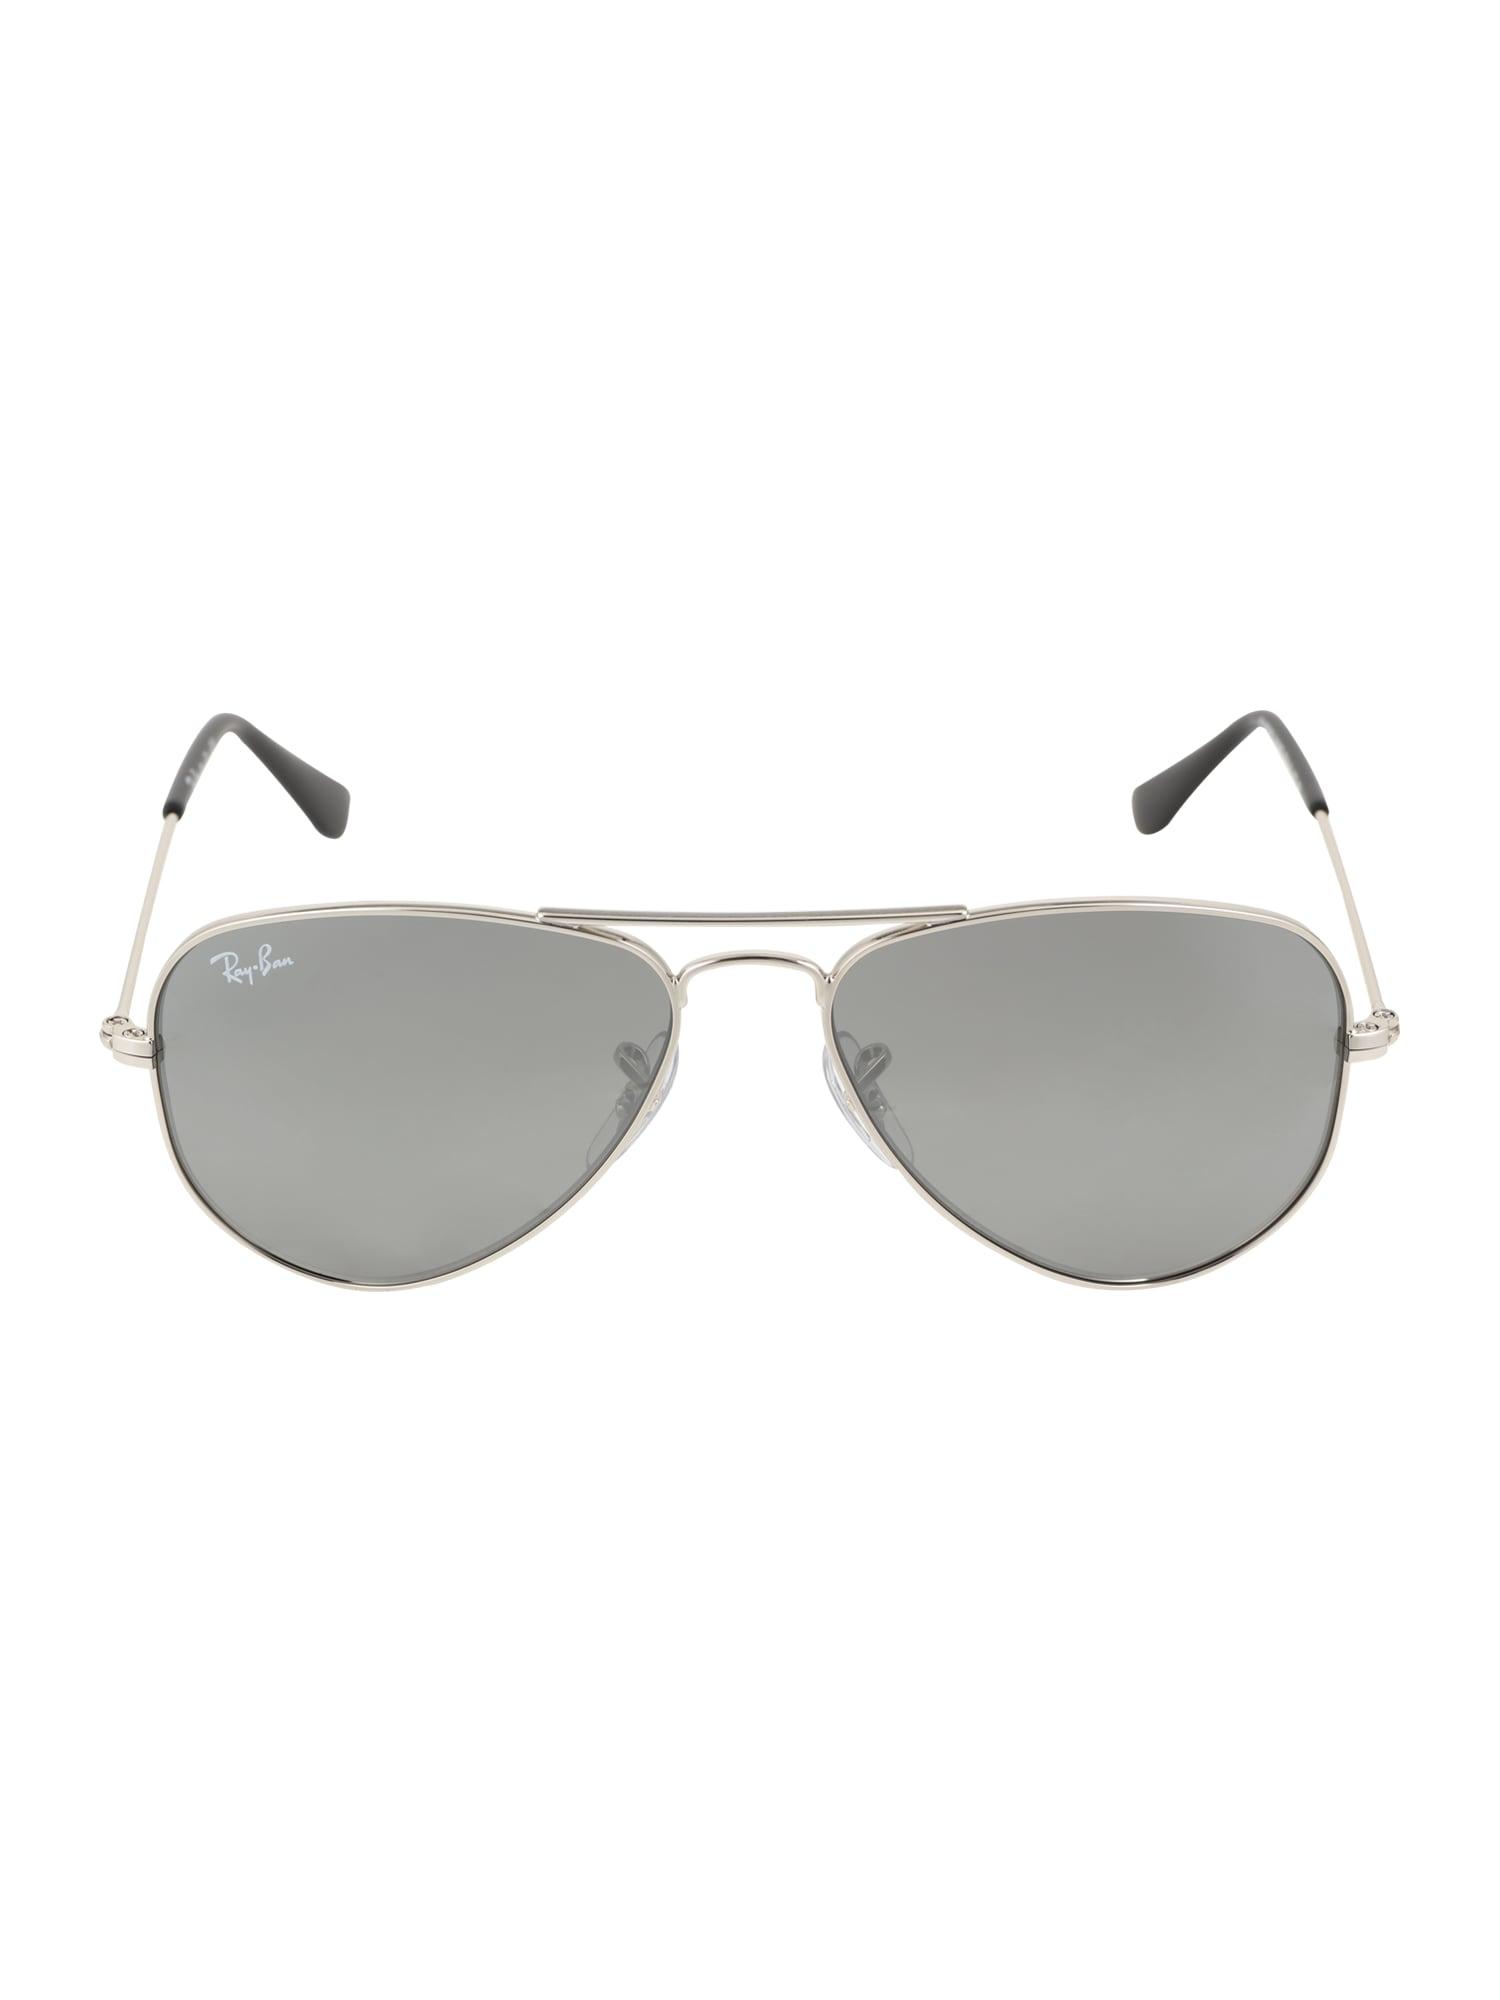 Sluneční brýle JUNIOR AVIATOR stříbrně šedá stříbrná Ray-Ban